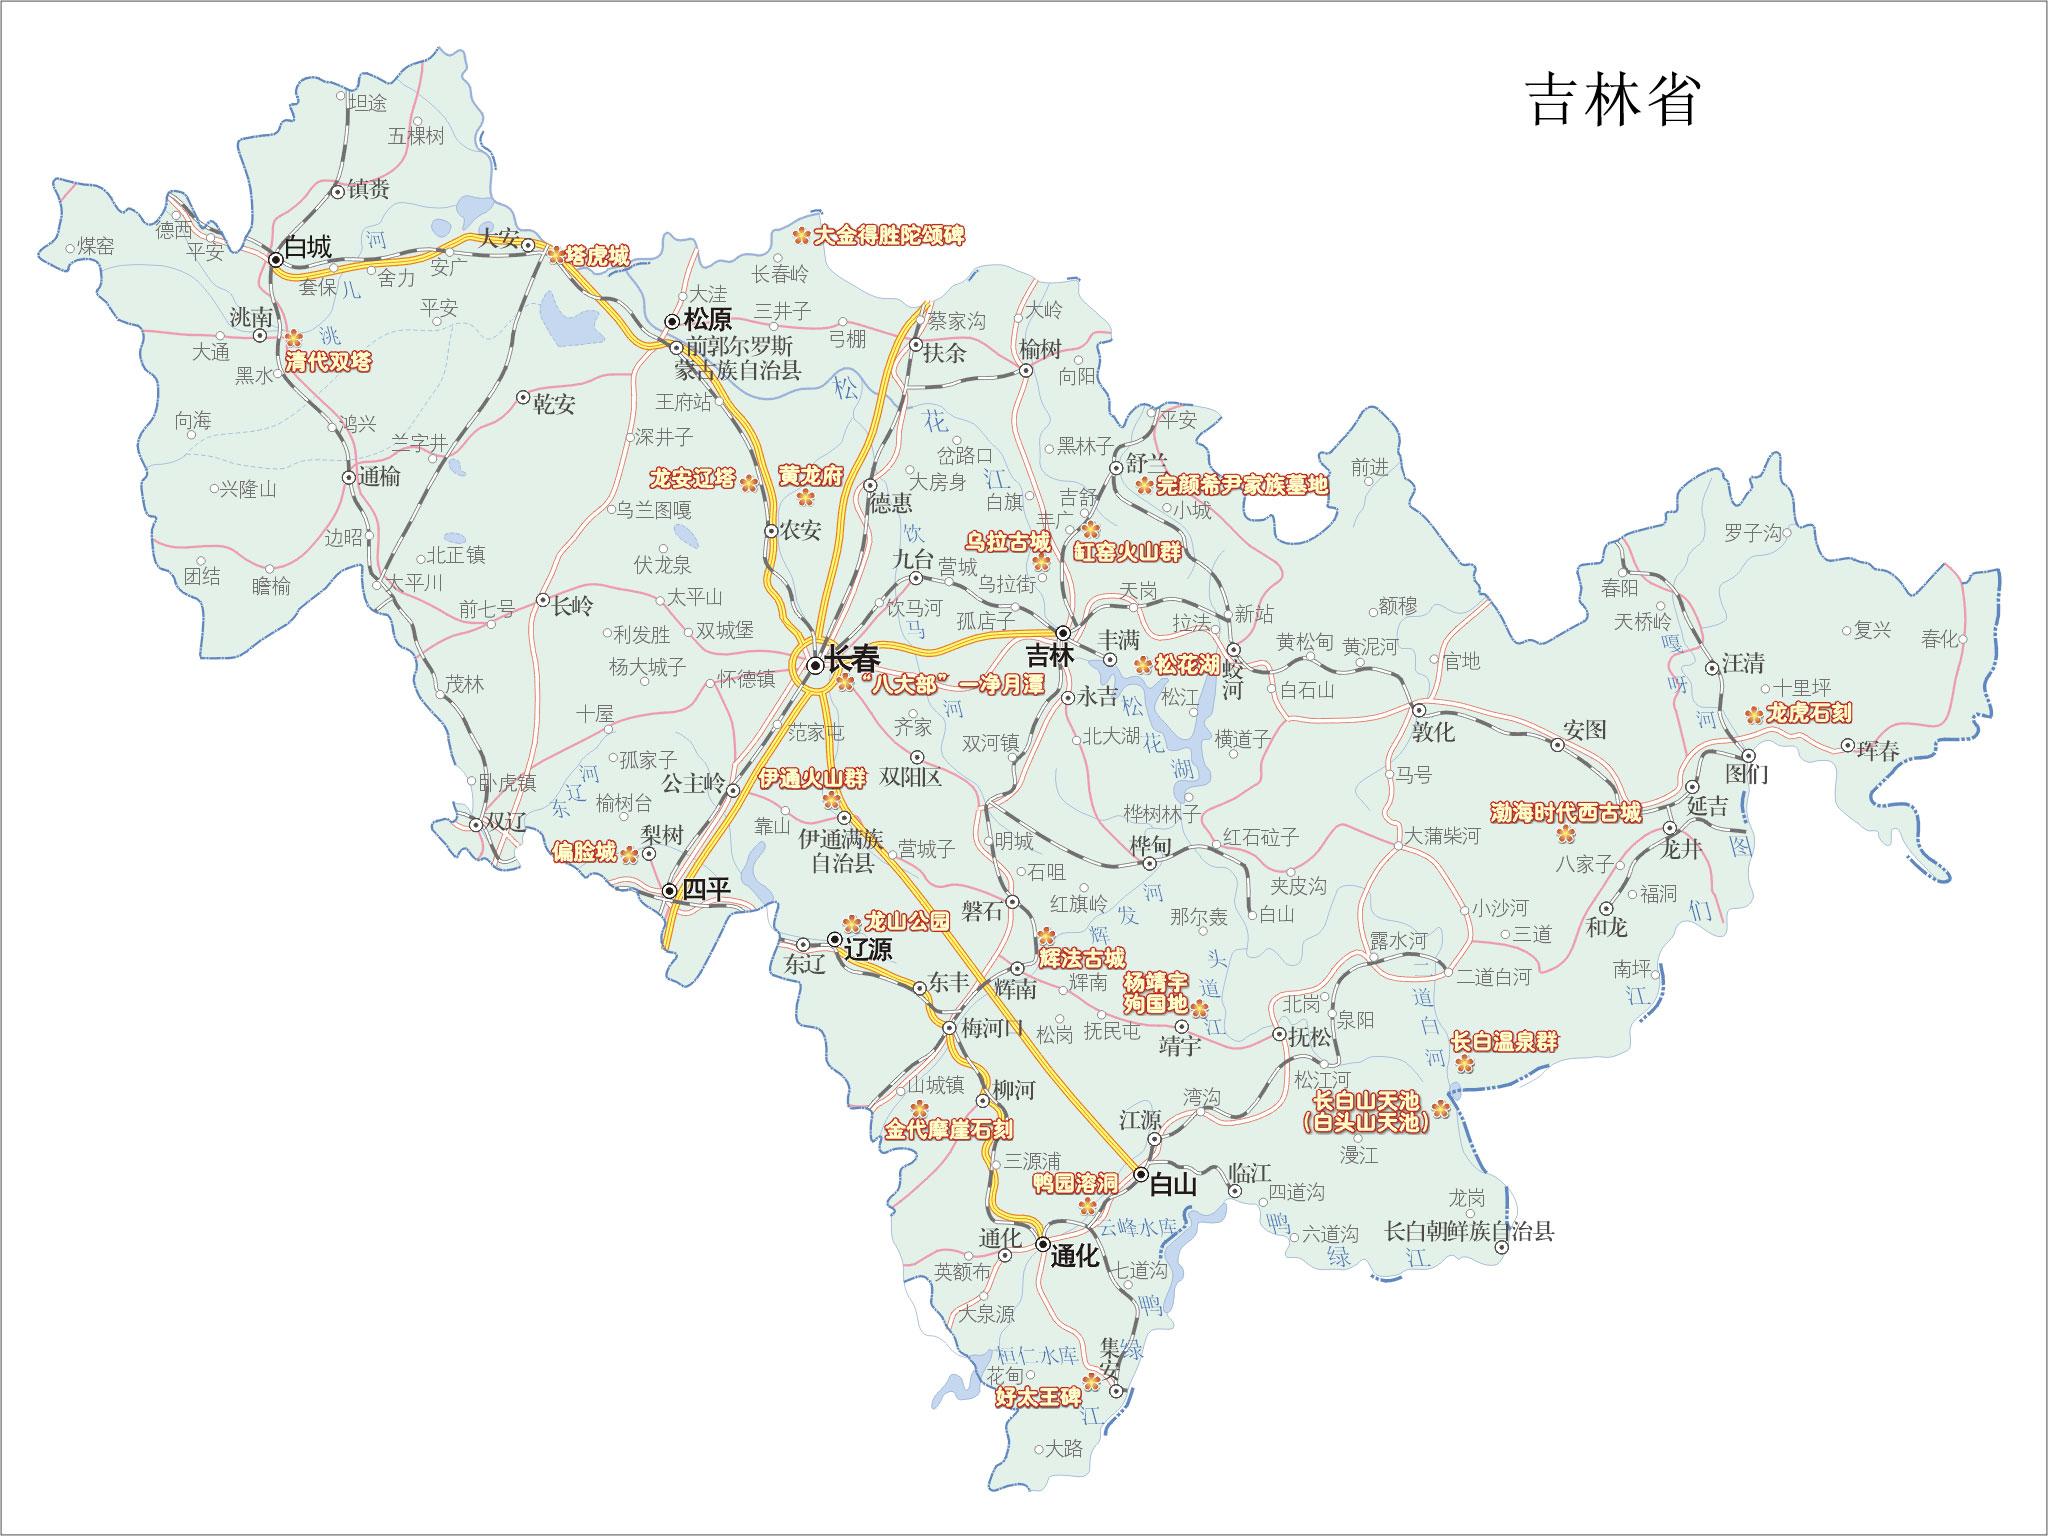 3D卫星地图手册(高清版)下载_v3.02安卓客户端_MDPDA手机网